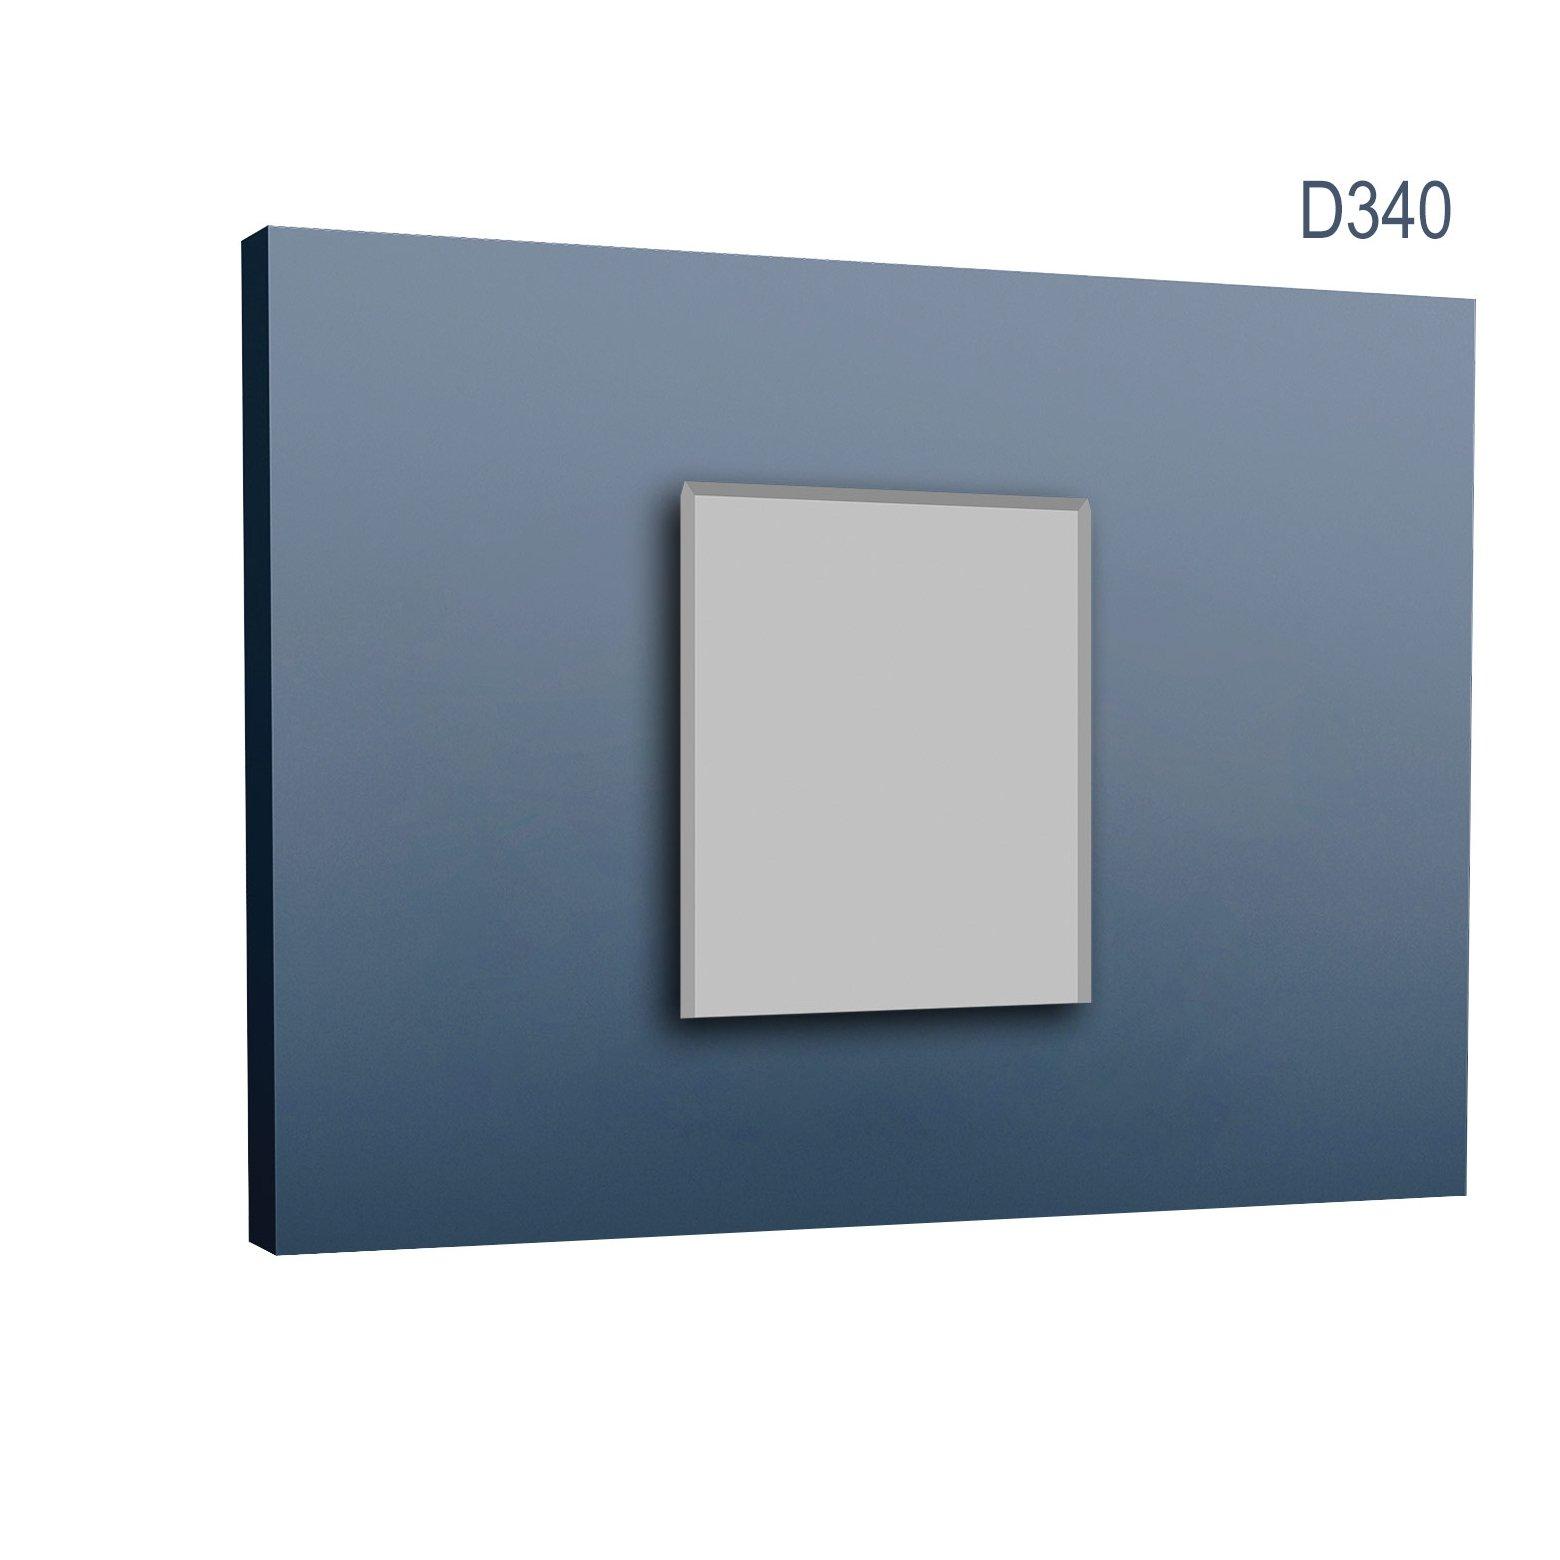 Element dekoracyjny do listwy drzwiowej D340 (wym.7x11x2.5cm)